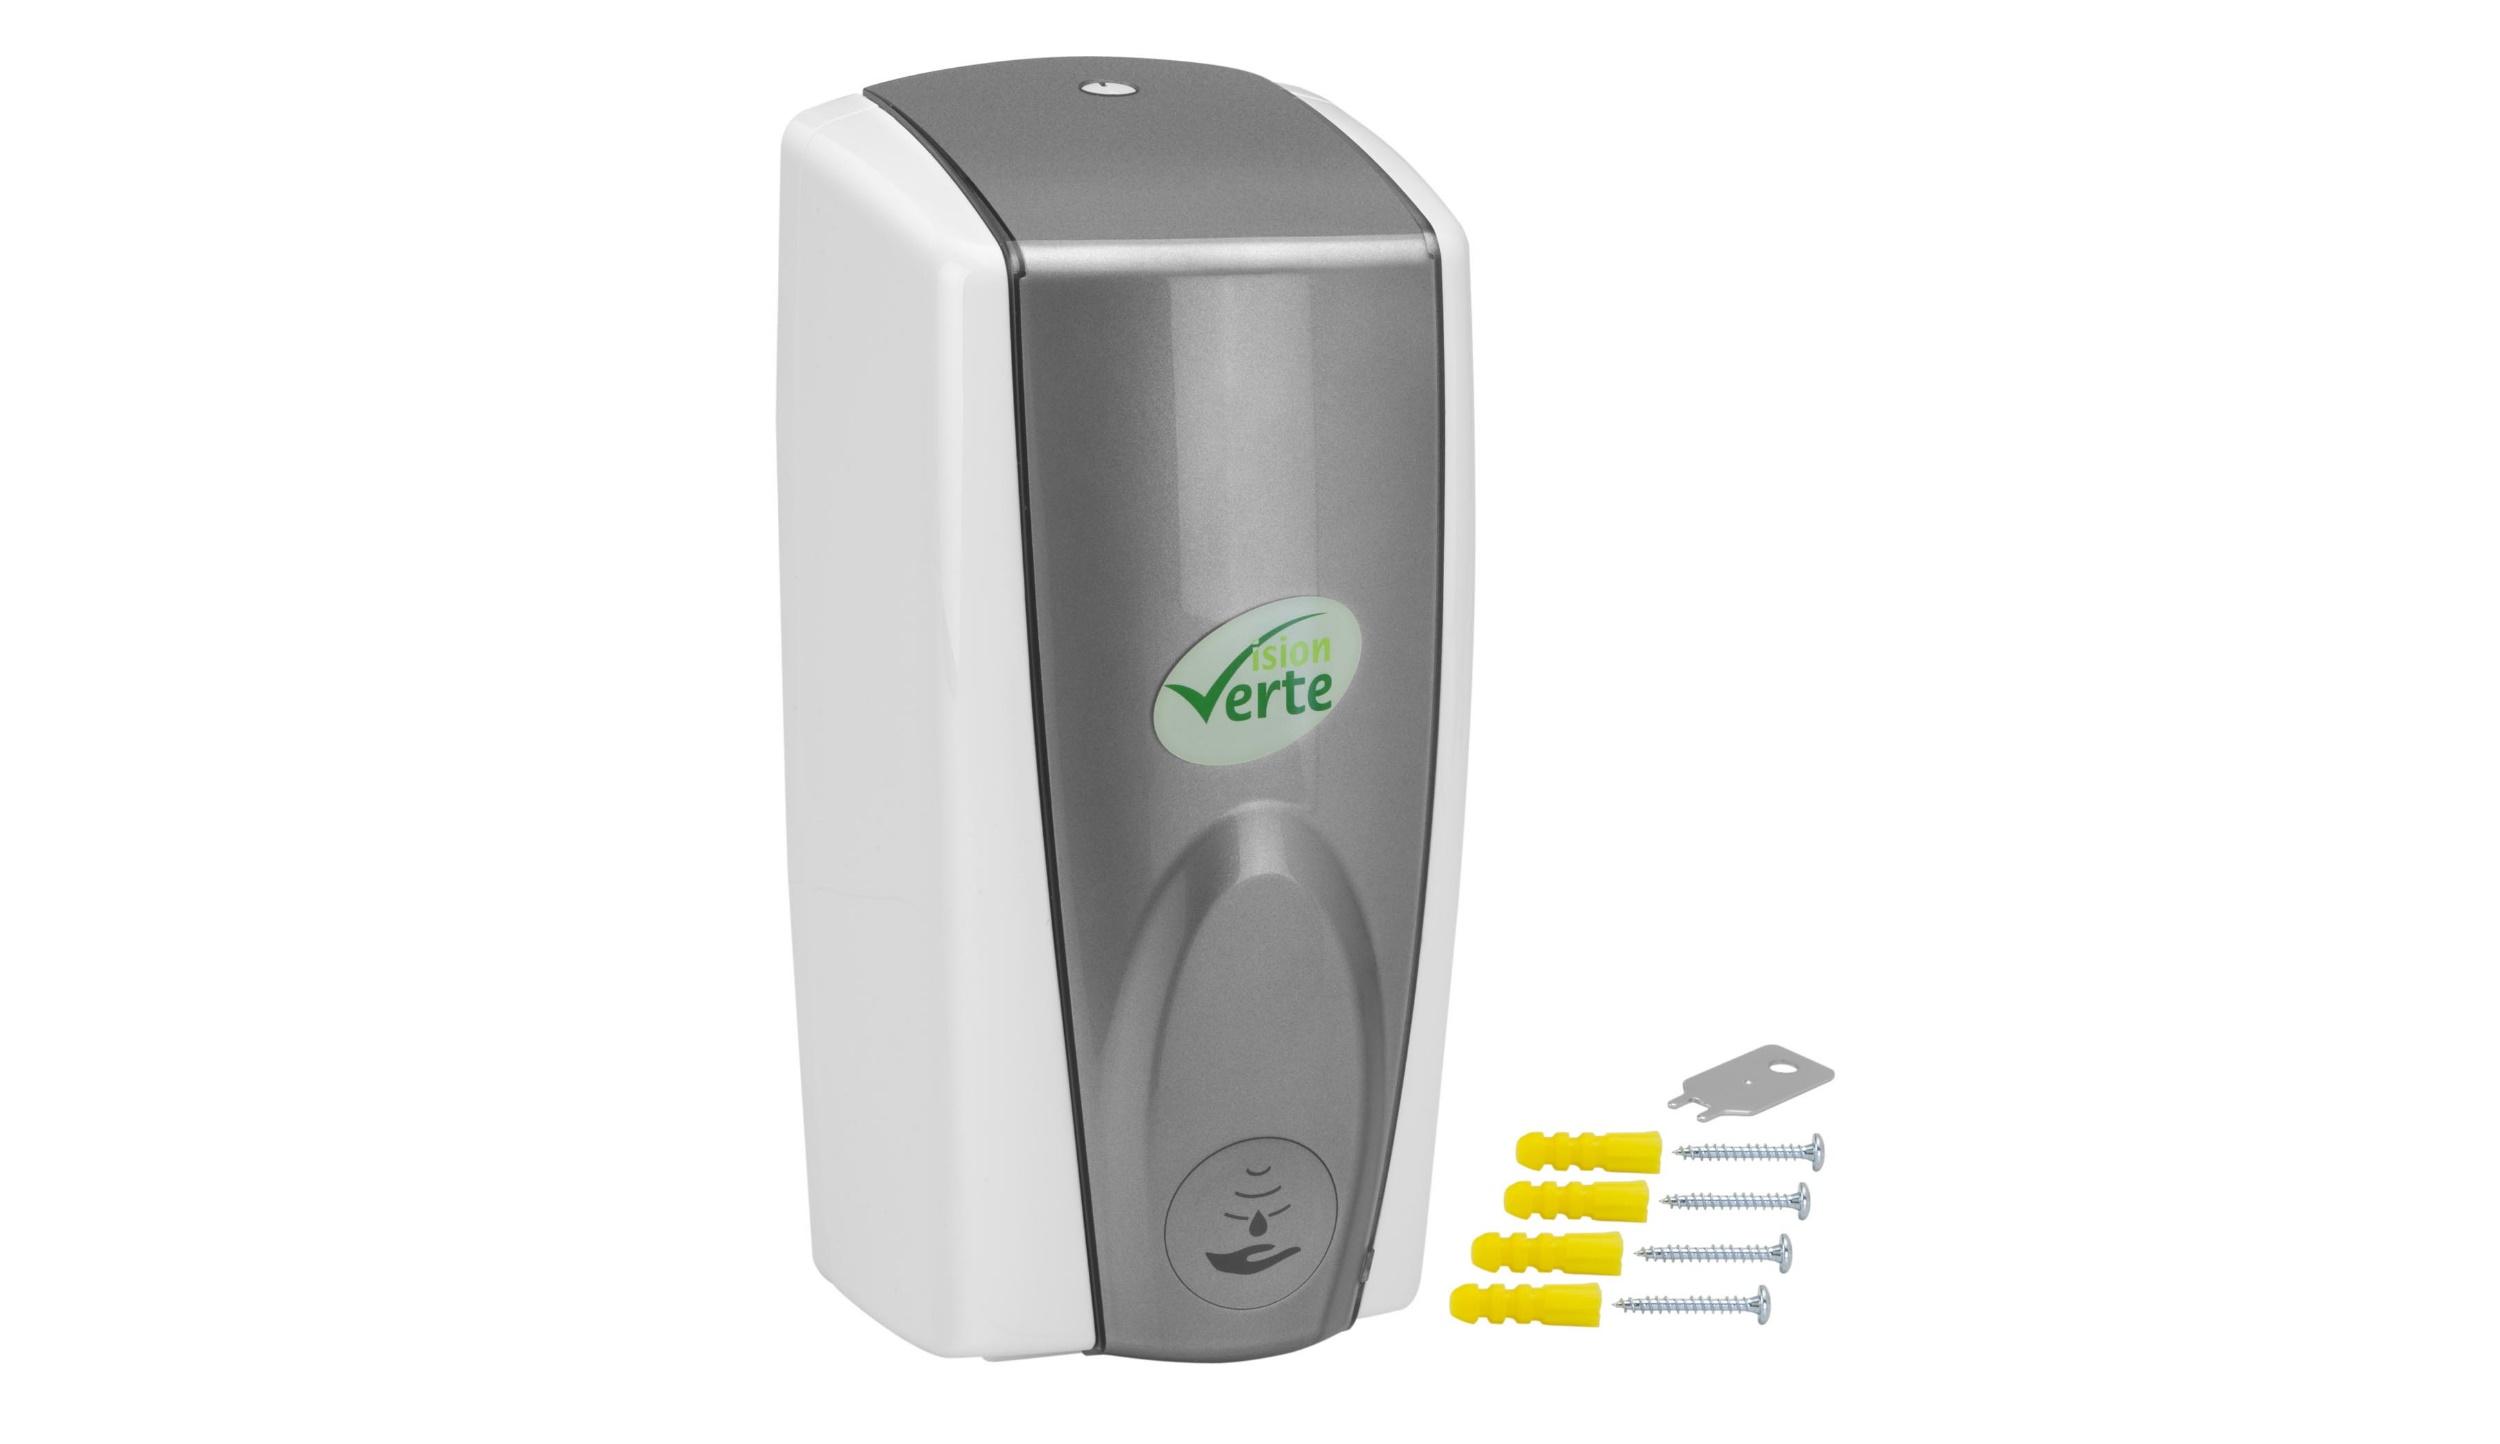 Distributeur de savon électronique Vision Verte